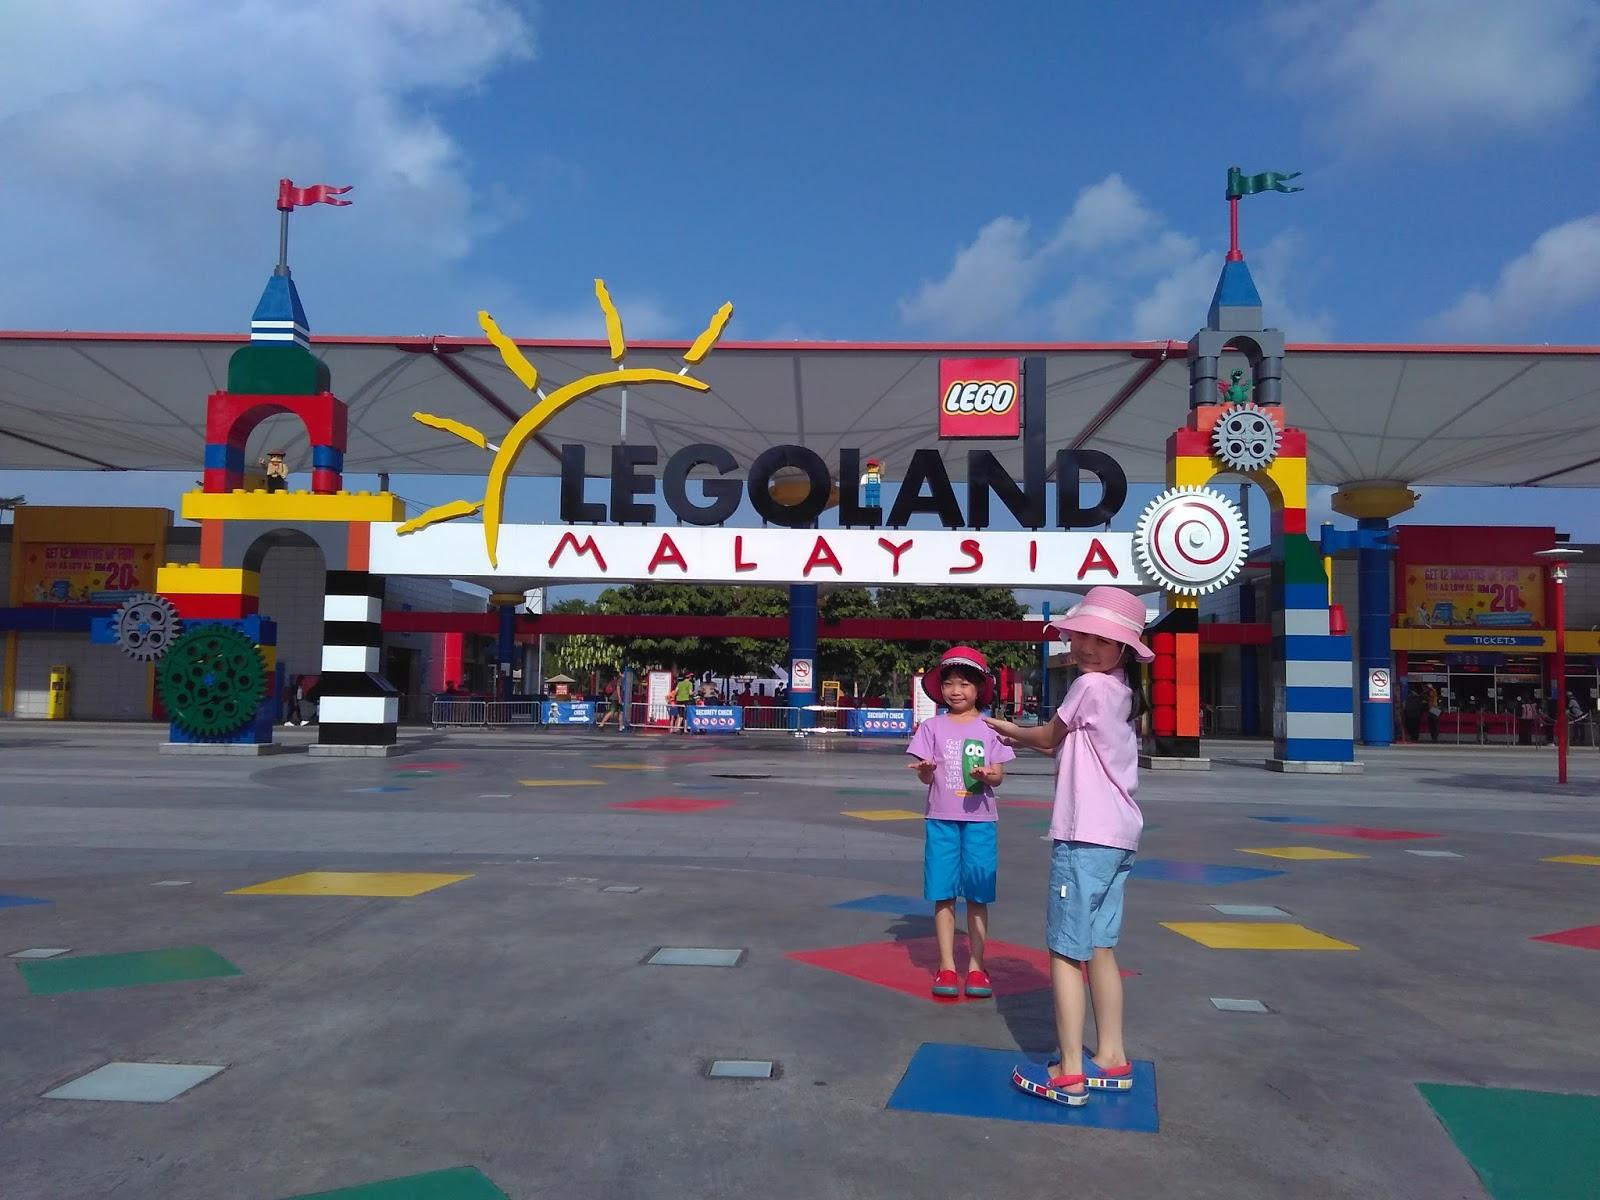 Tamasya Dengan Anak: Tips Berkunjung ke Legoland Malaysia